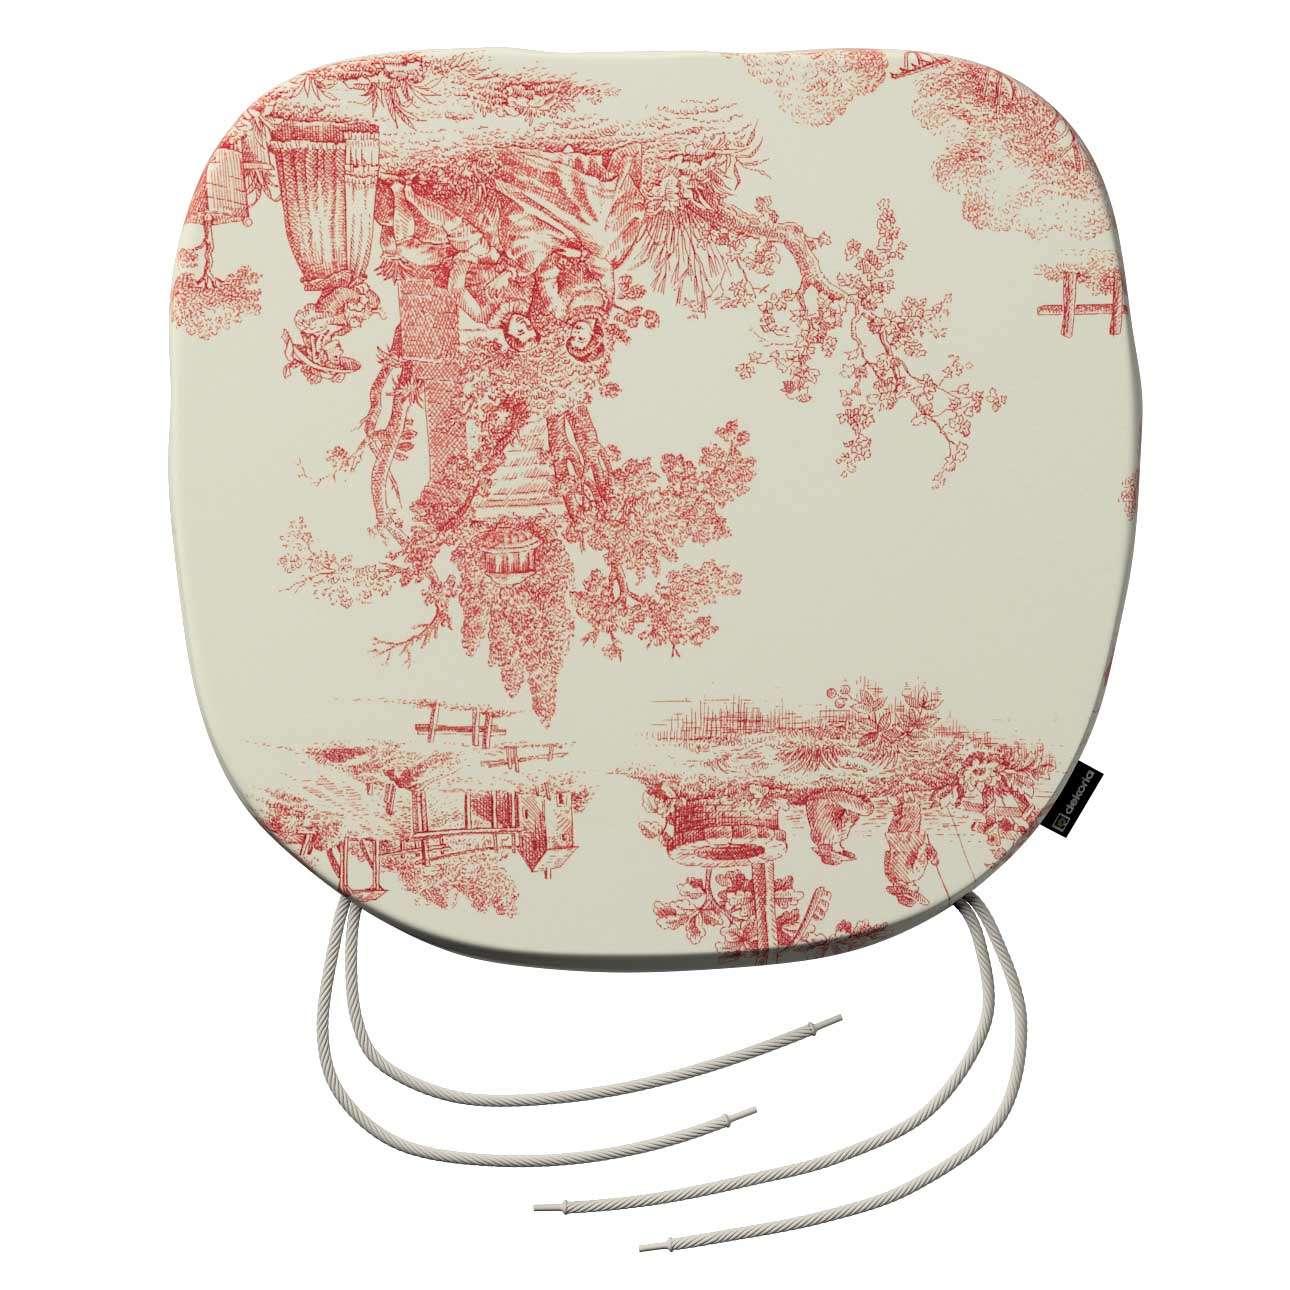 Kėdės pagalvėlė Bartek  40 x 37 x 2,5 cm kolekcijoje Avinon, audinys: 132-15